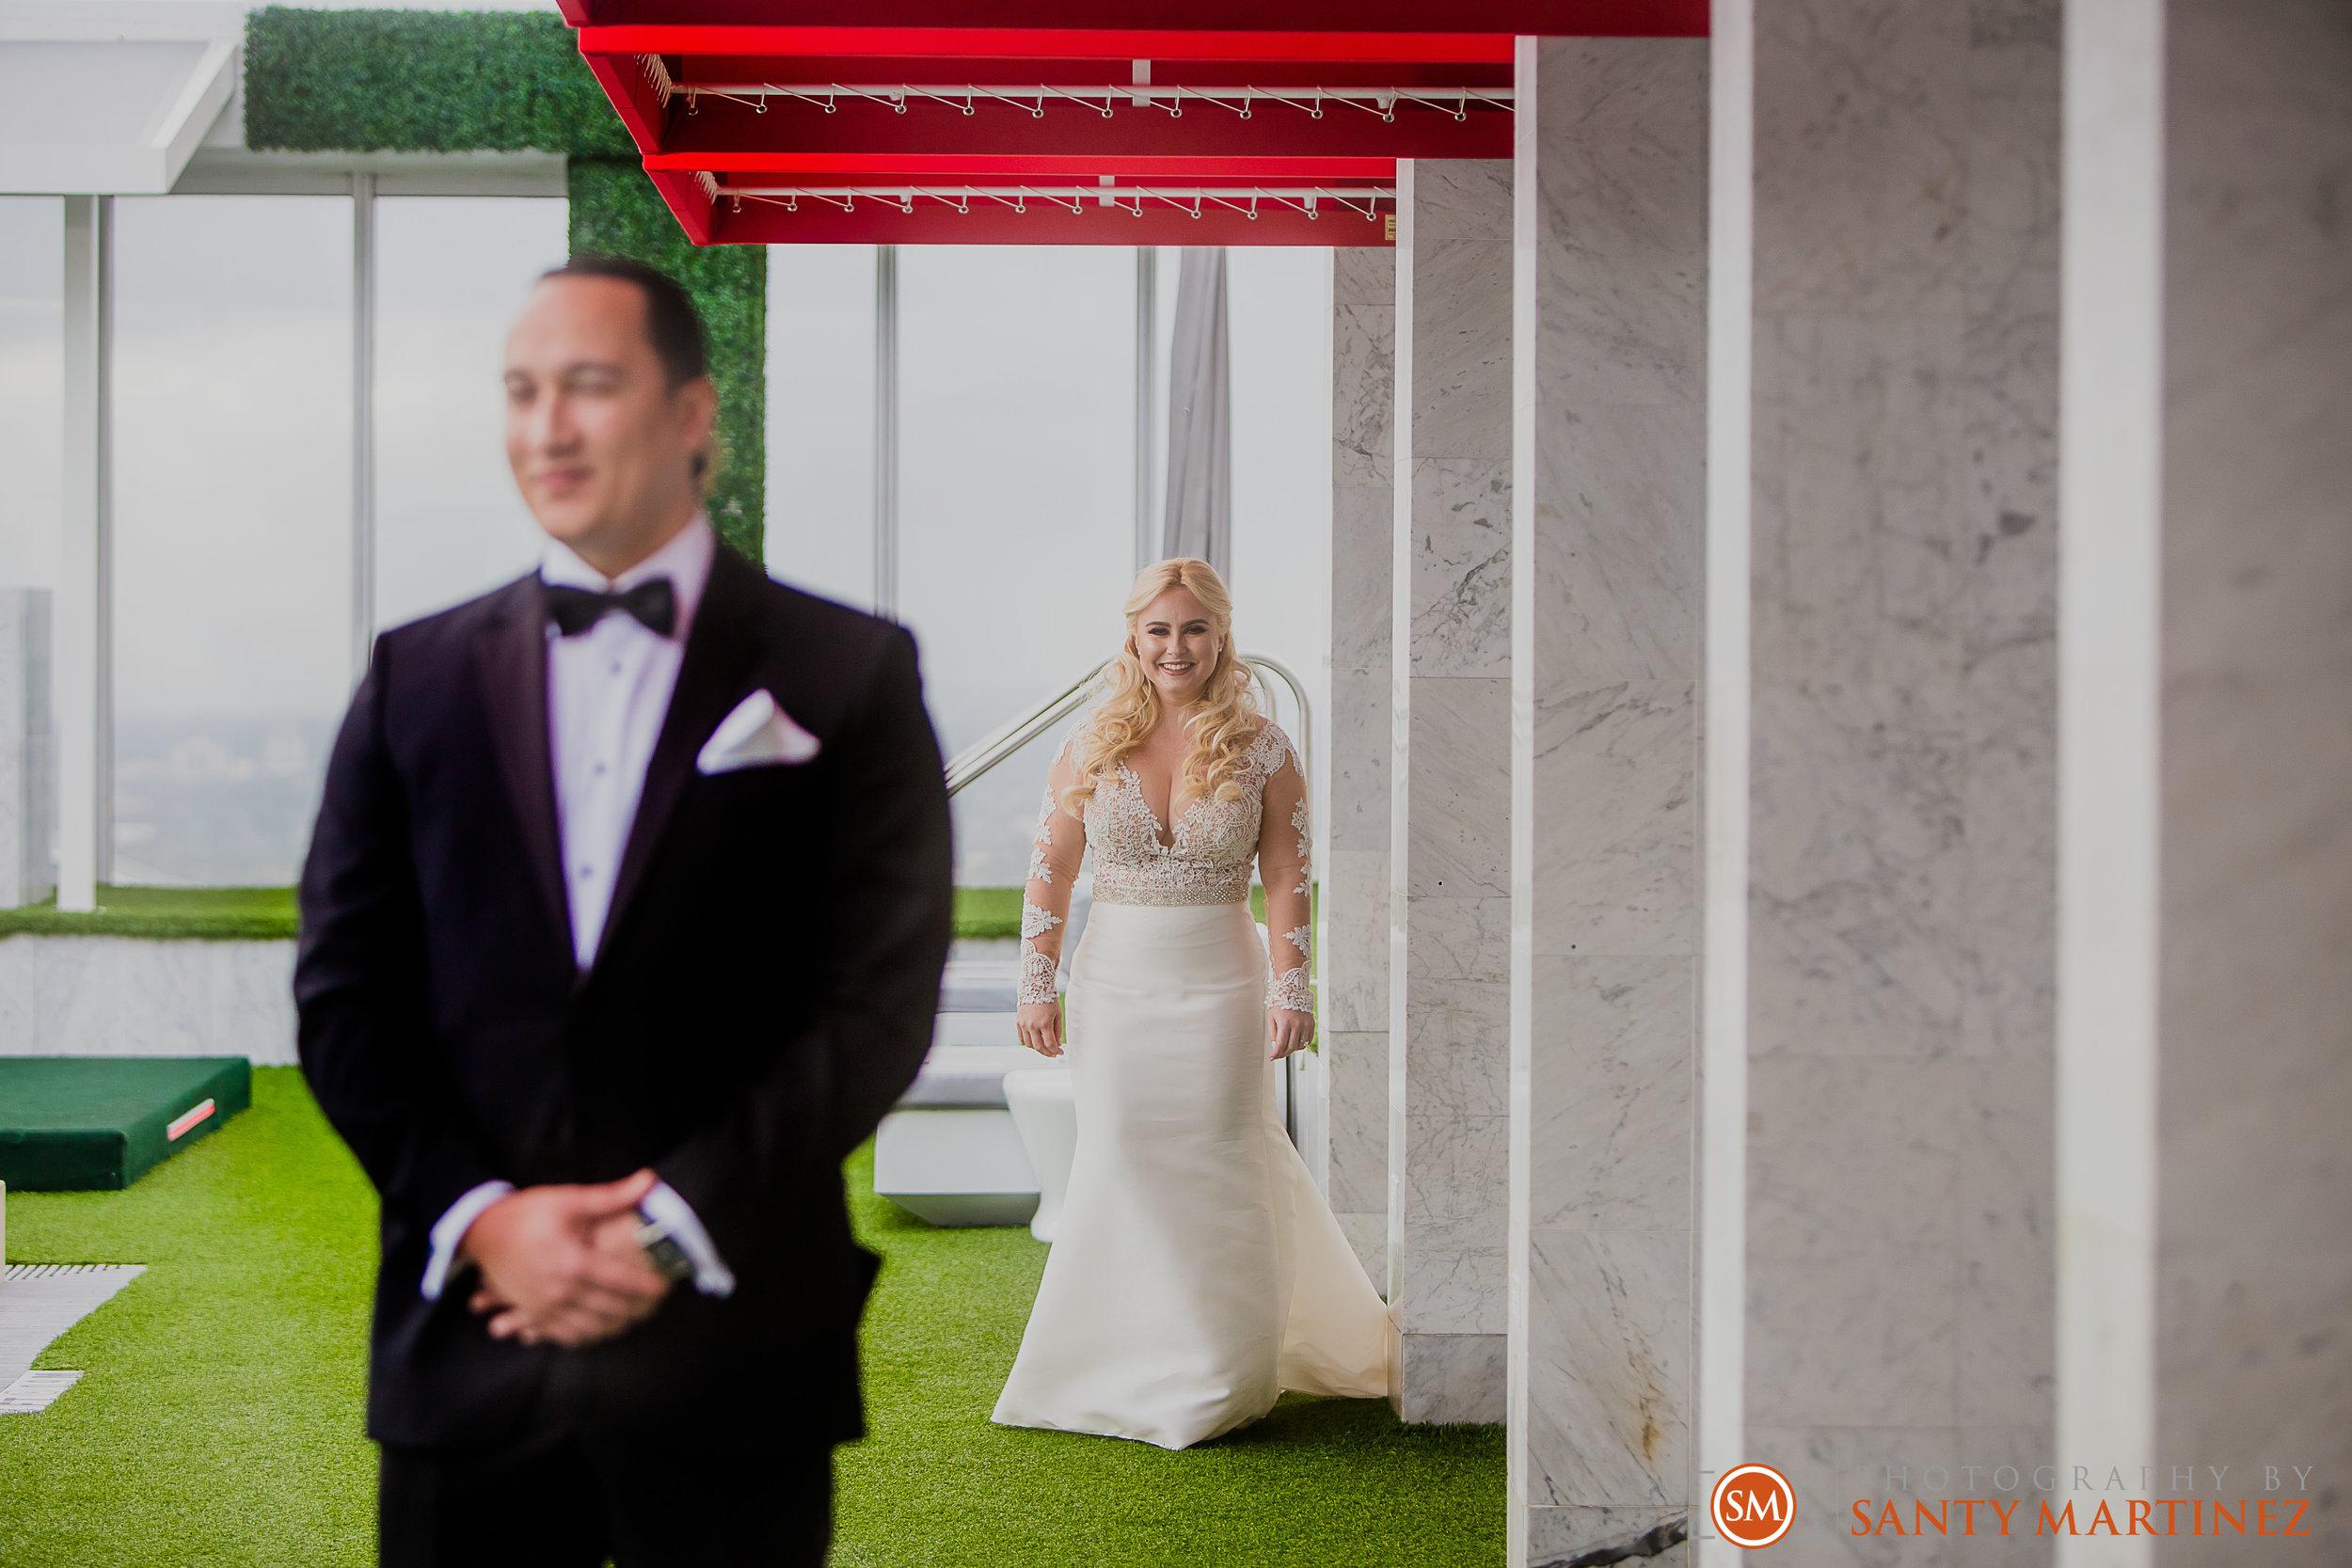 Wedding - W Hotel - St Patrick Miami Beach - Santy Martinez Photography-10.jpg